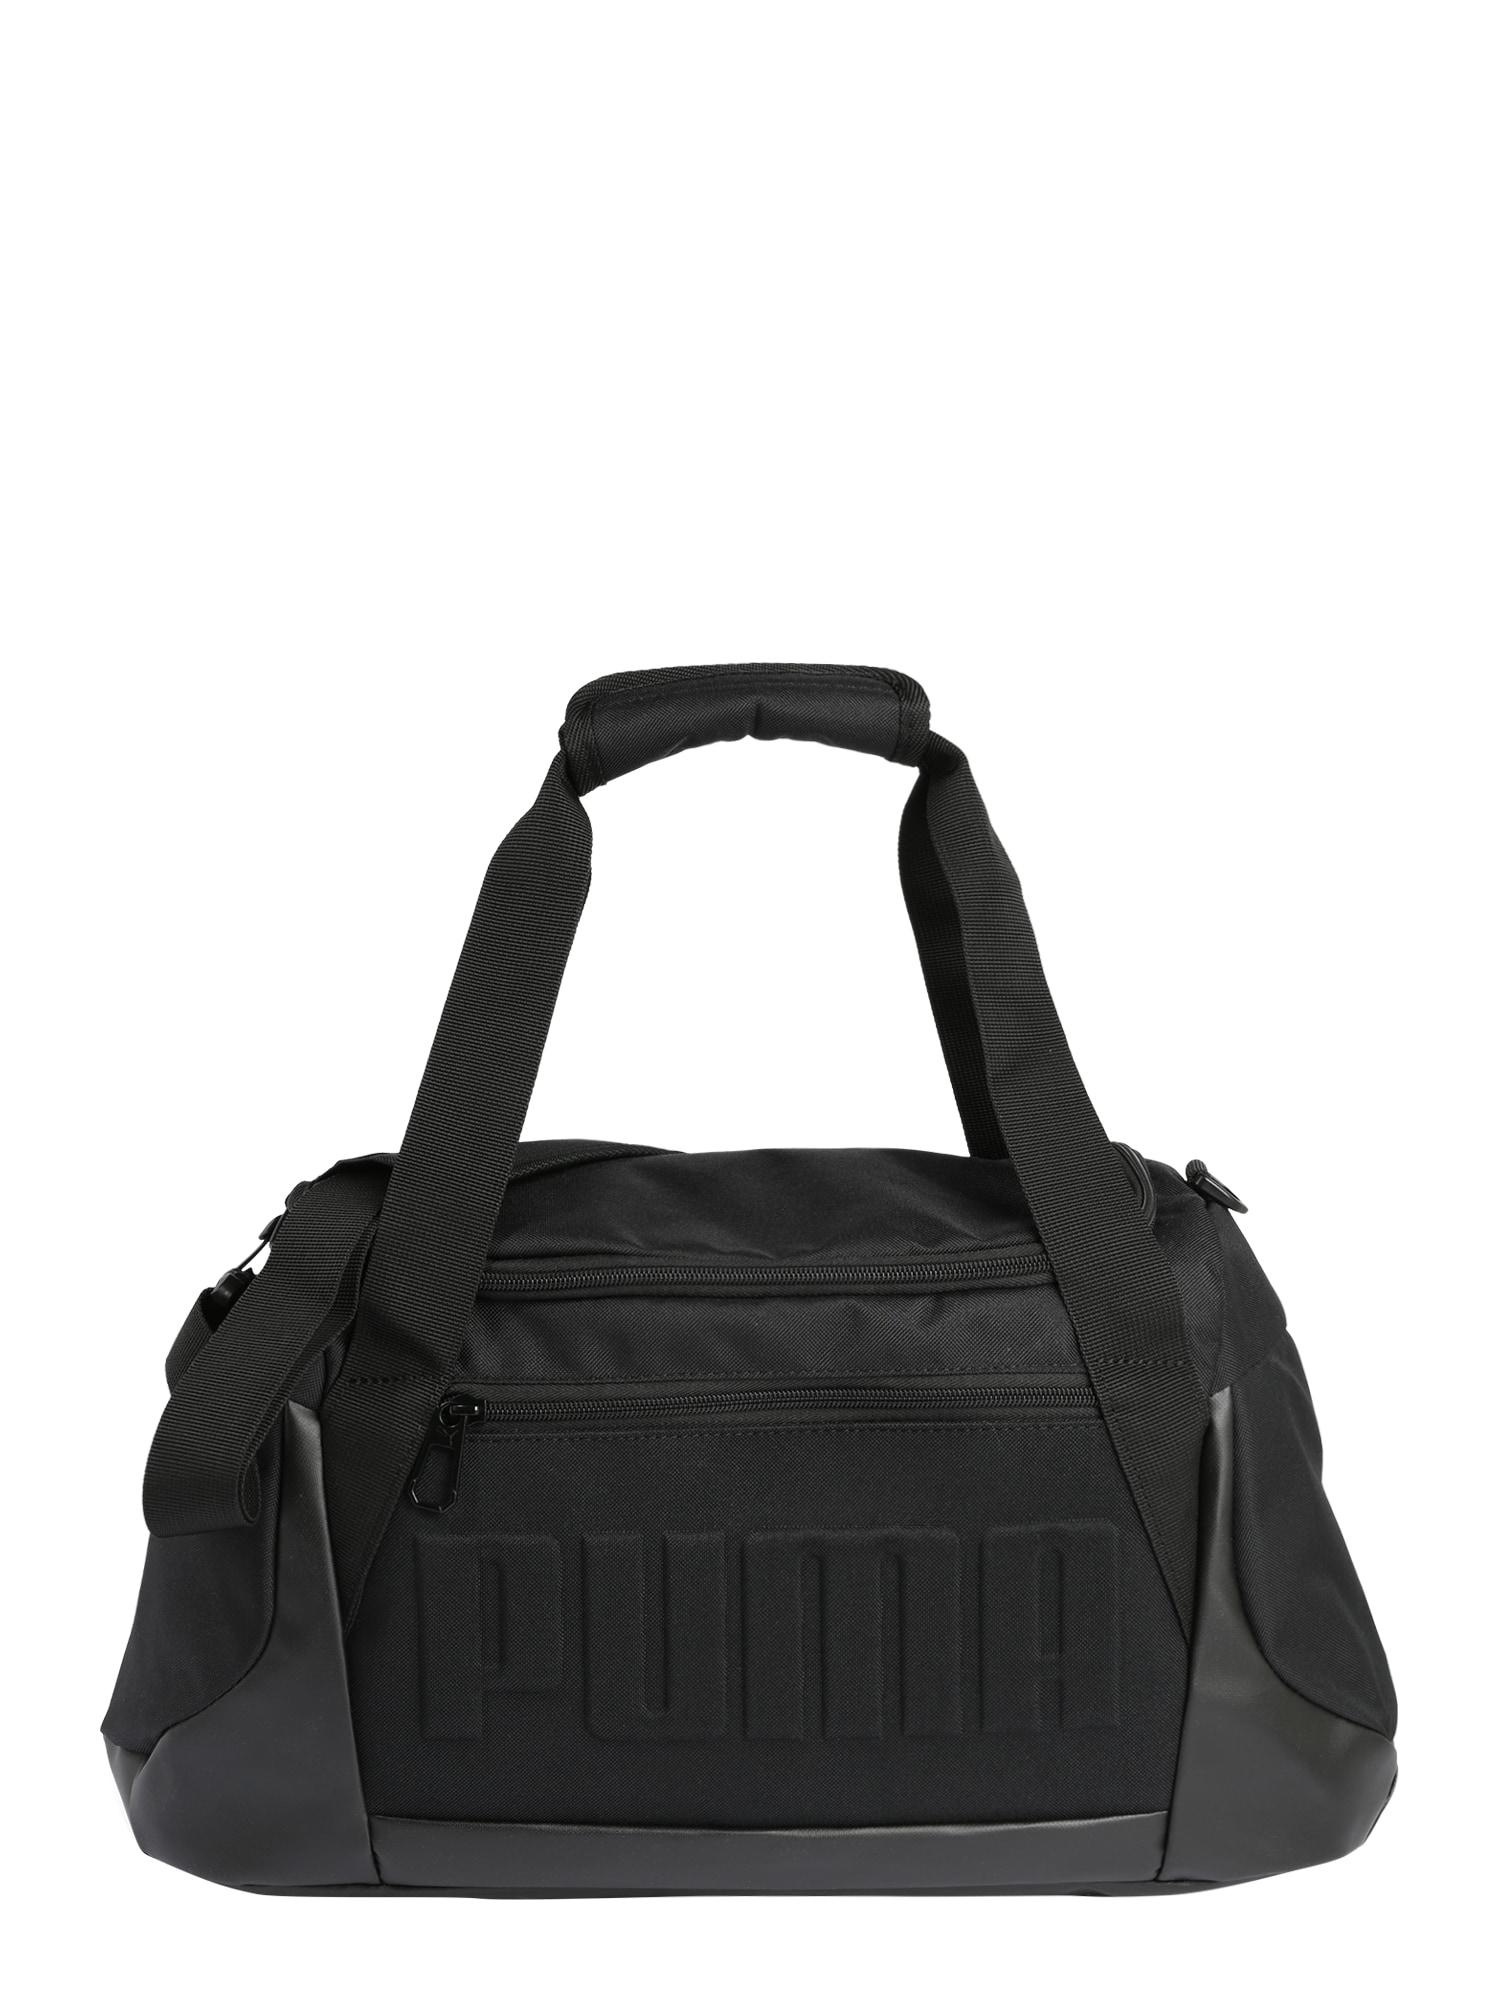 PUMA Sportinis krepšys 'Gym Duffle S' juoda